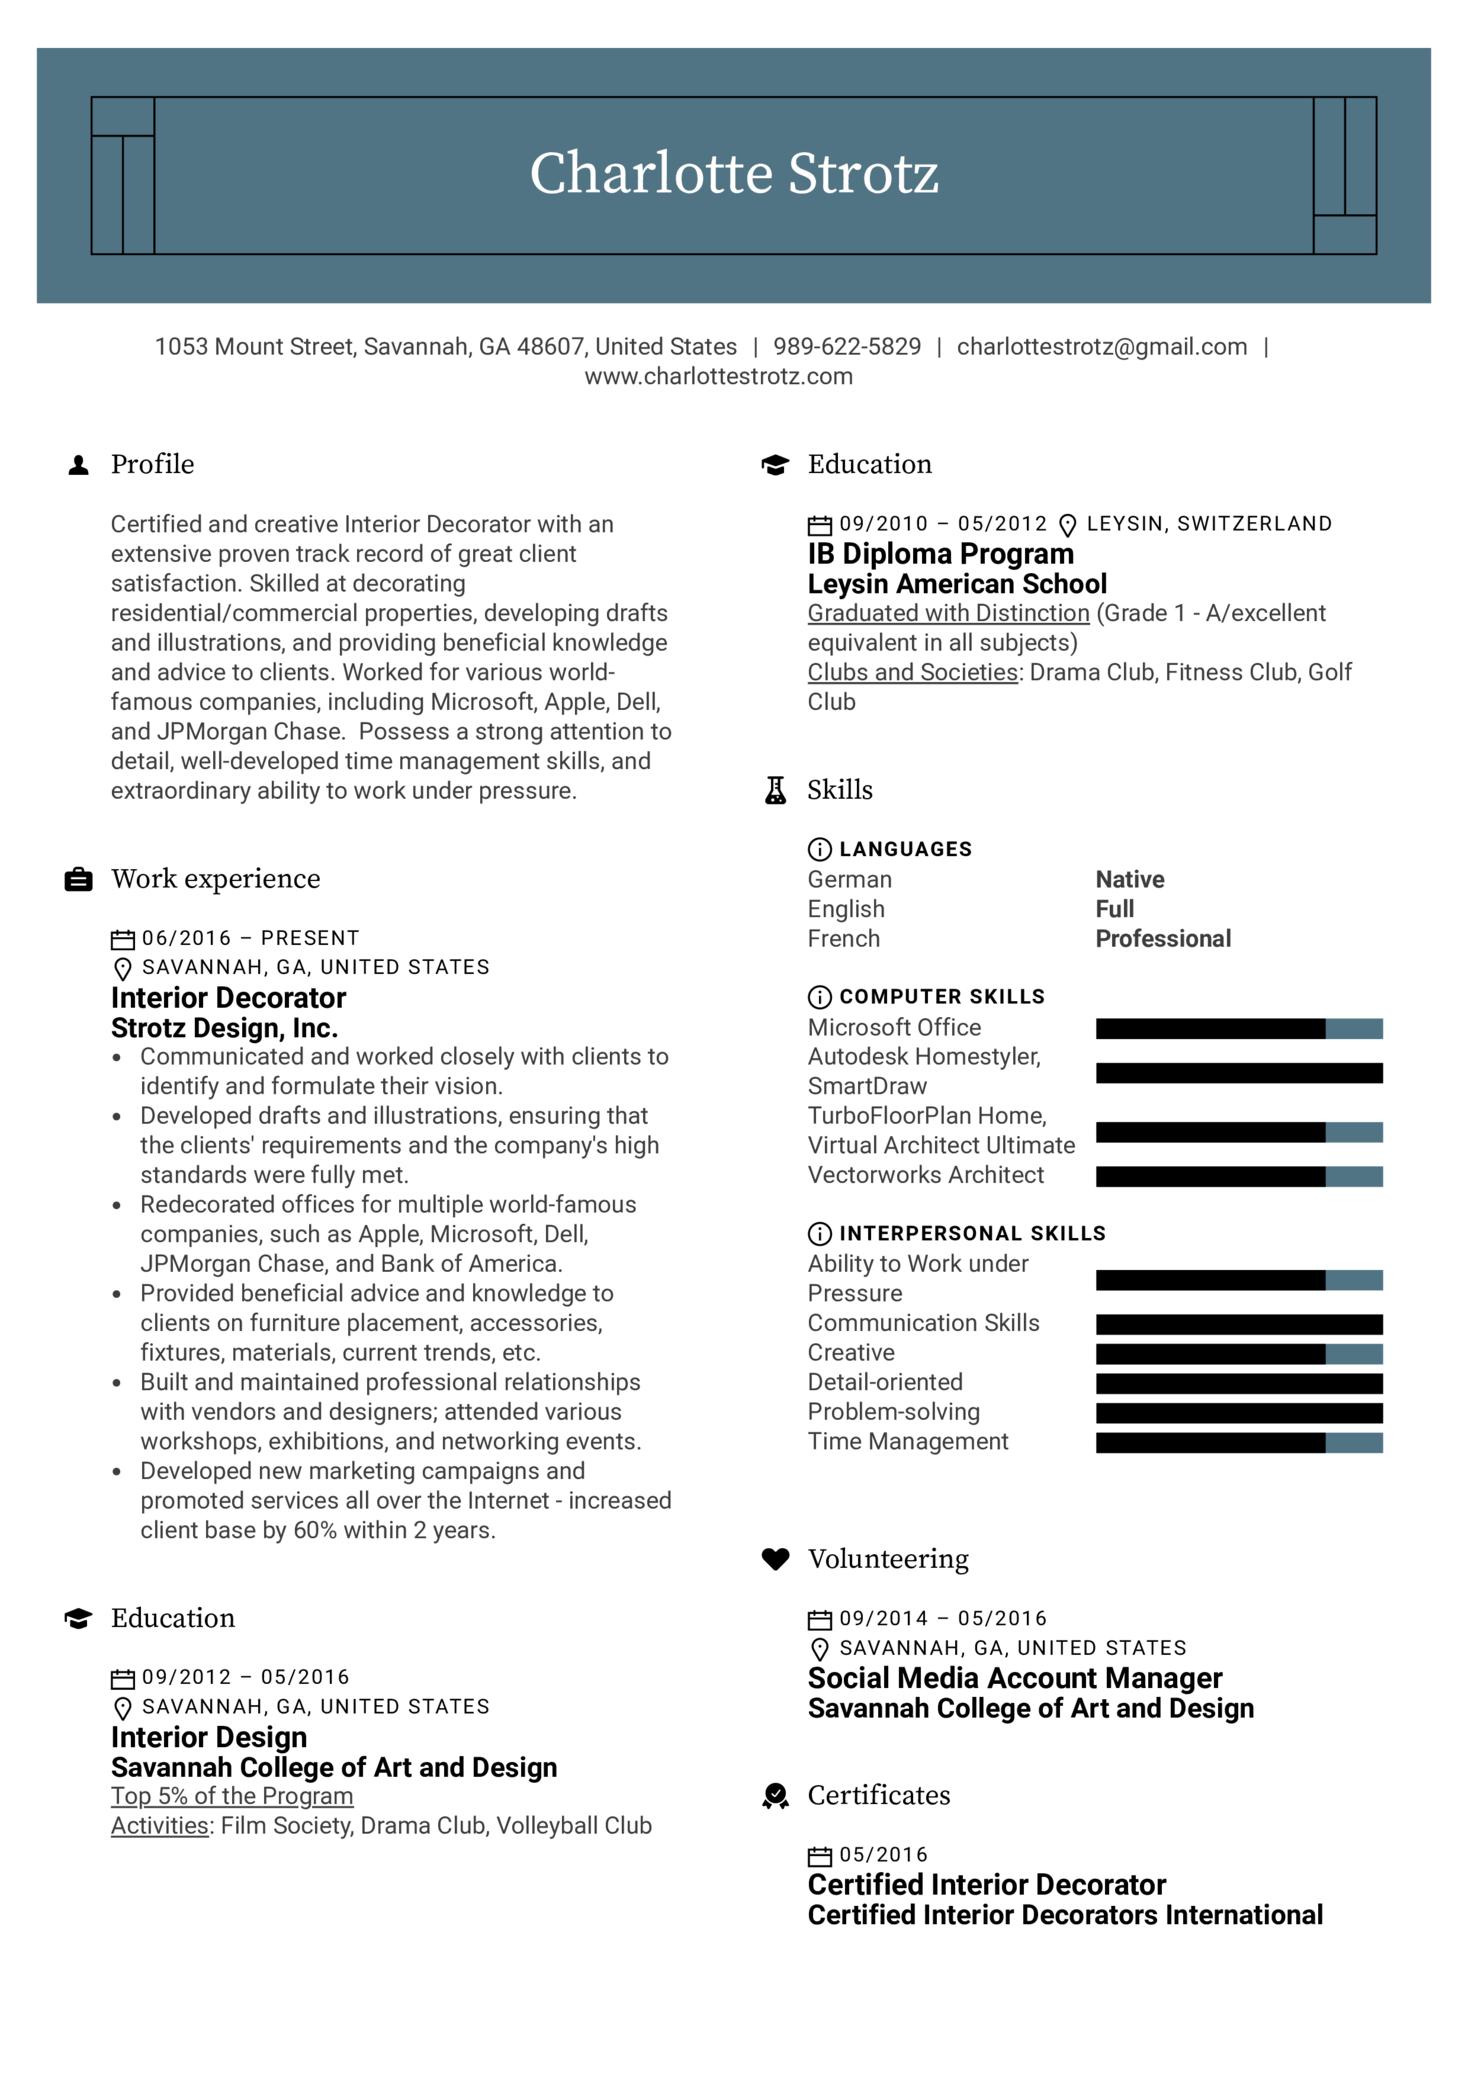 Interior Decorator Resume Example (Teil 1)